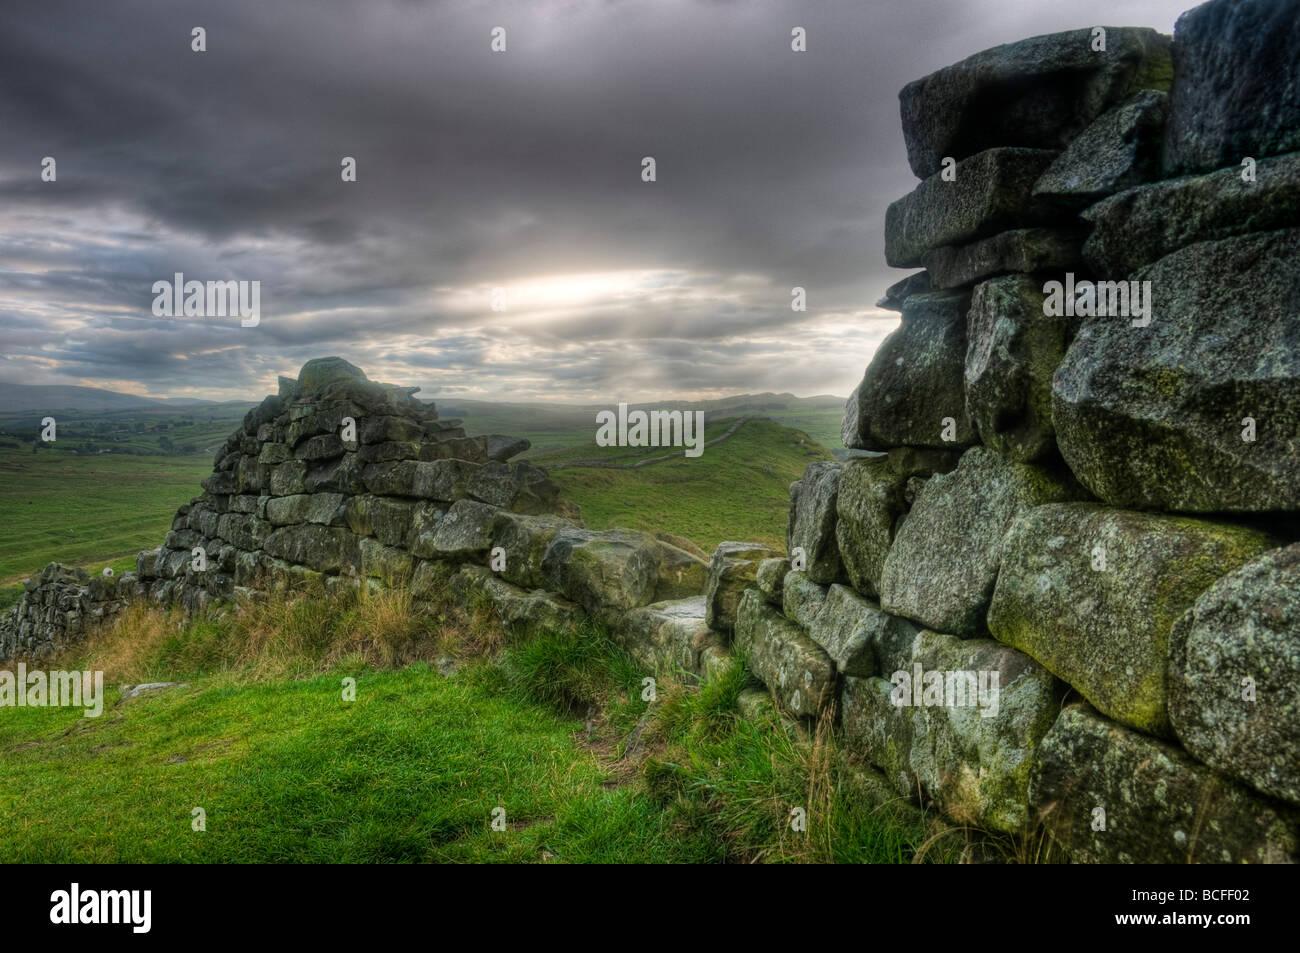 UK, Northumberland, Hadrians Wall - Stock Image